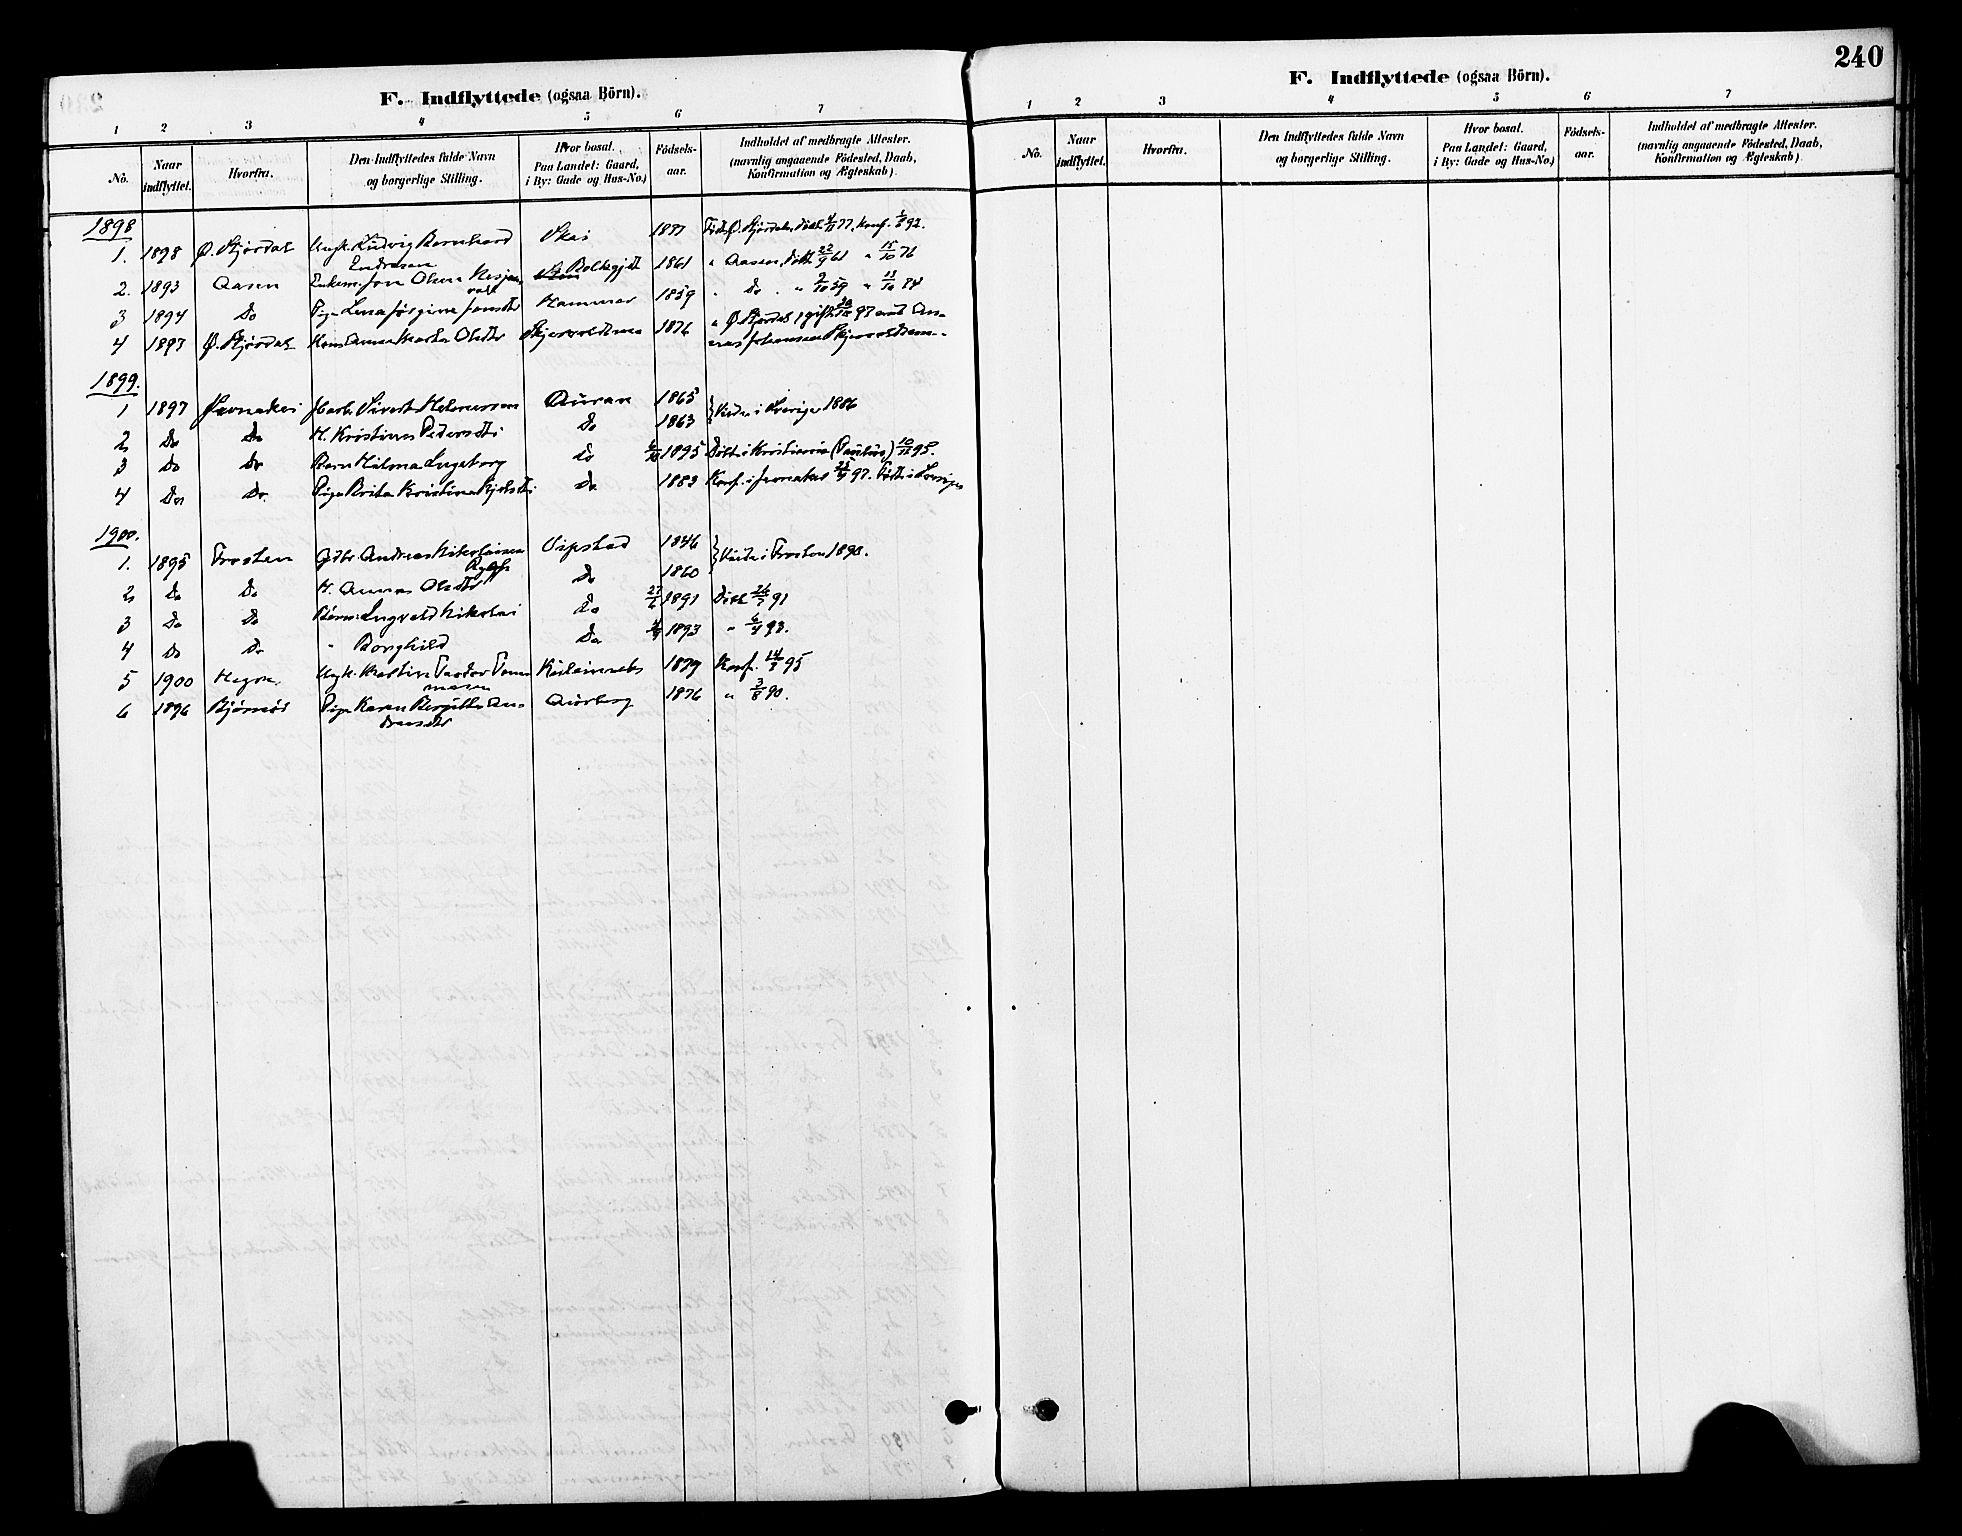 SAT, Ministerialprotokoller, klokkerbøker og fødselsregistre - Nord-Trøndelag, 712/L0100: Ministerialbok nr. 712A01, 1880-1900, s. 240